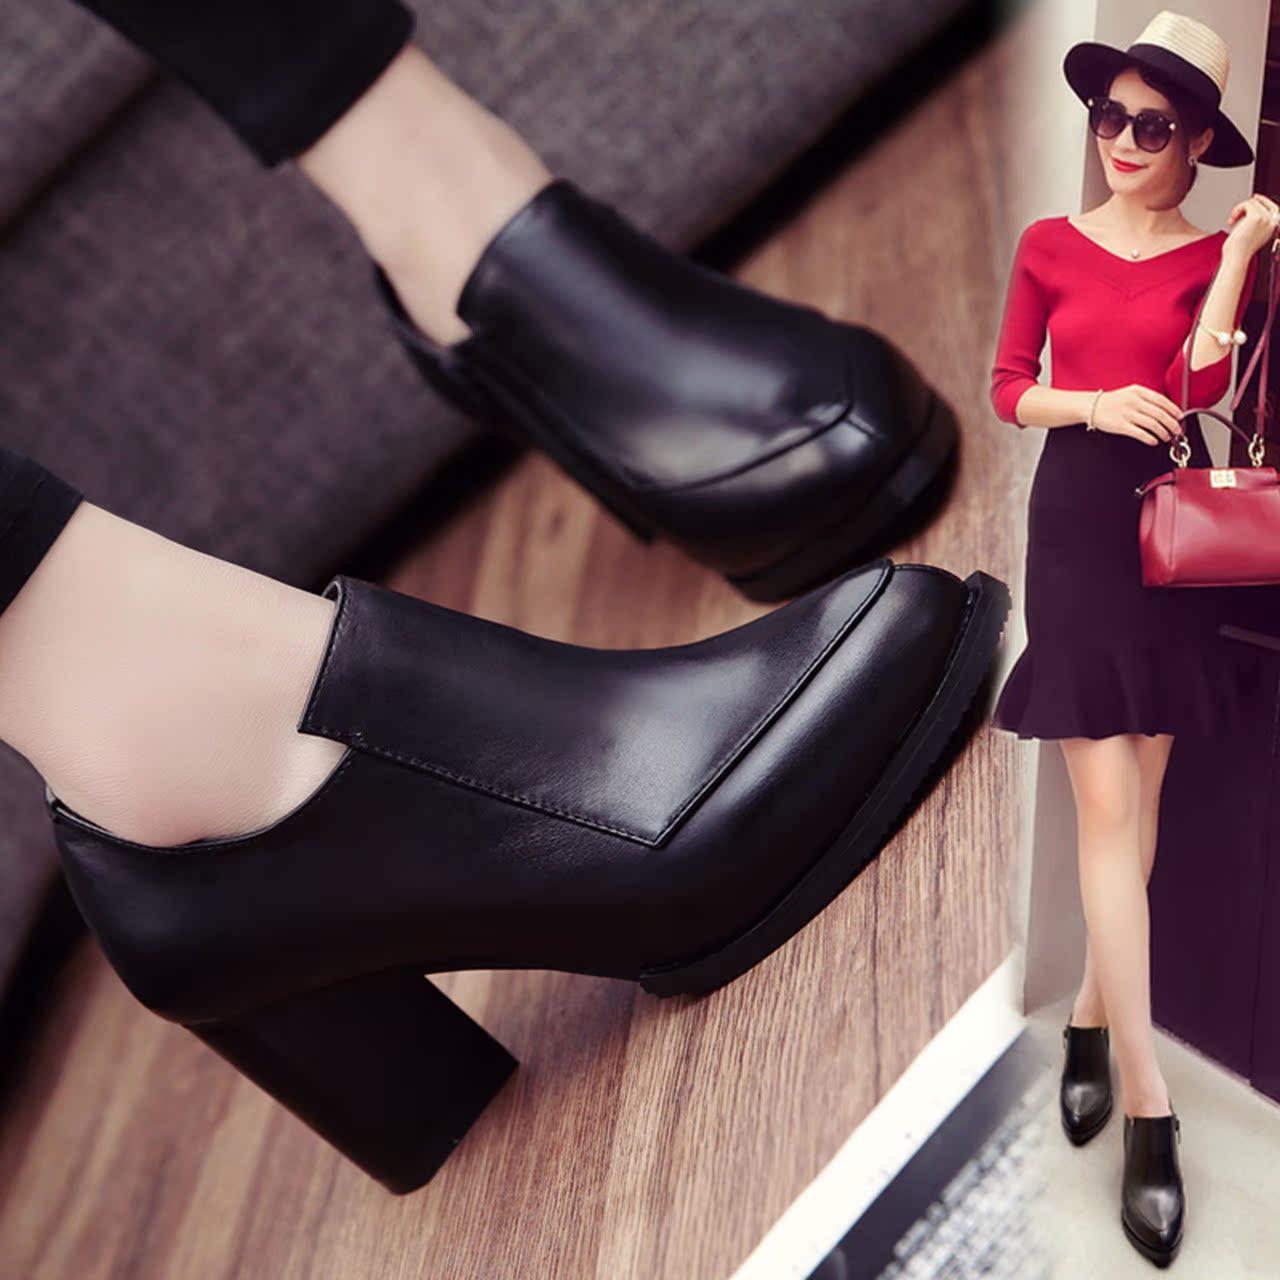 欧美2016新款春秋季女鞋舒适头层牛皮尖头高跟鞋真皮粗跟单鞋子潮 - 女鞋秋高跟